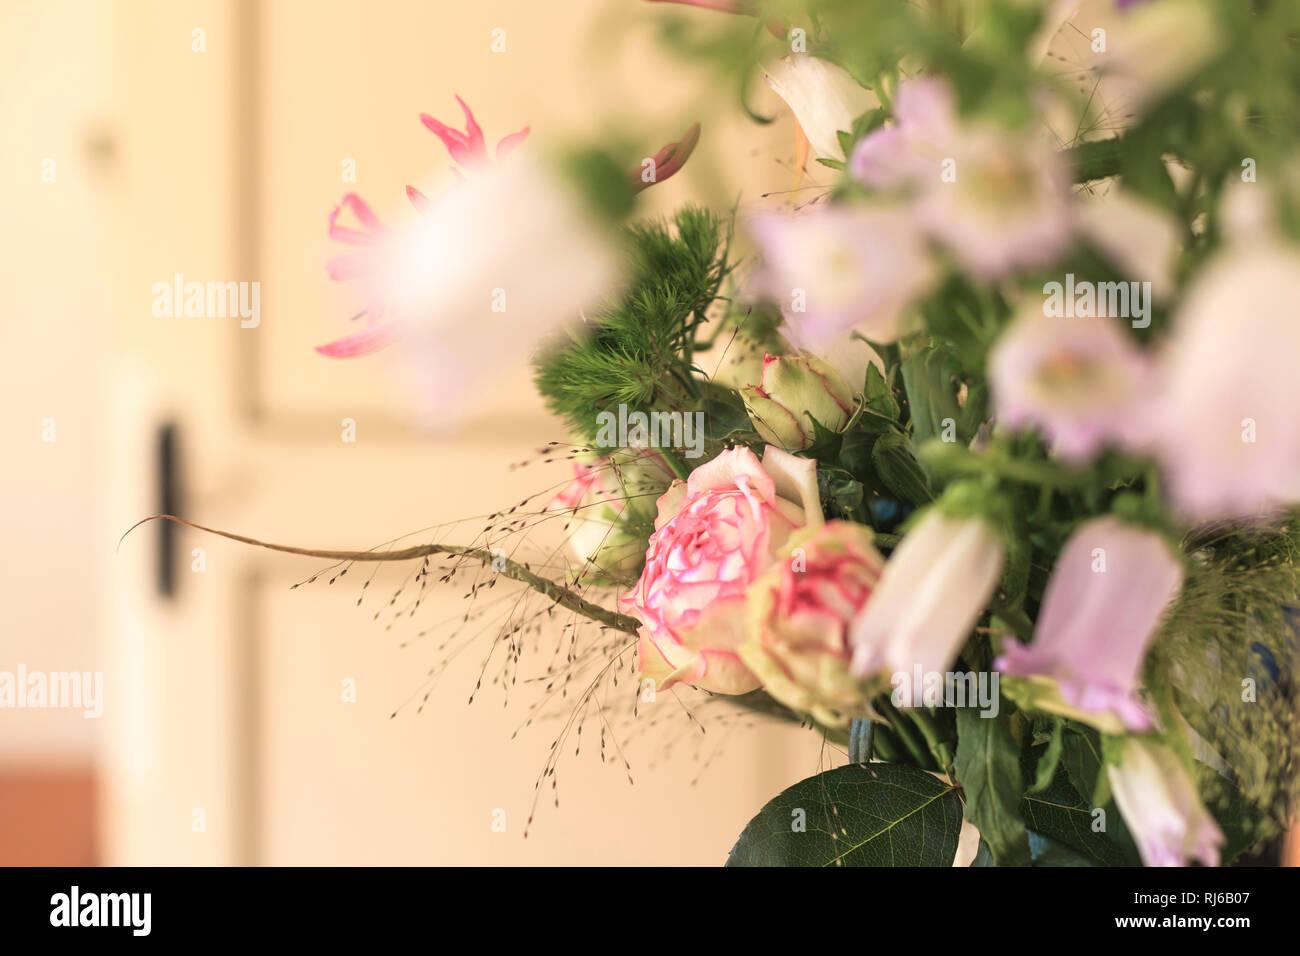 Eine zahlr stieg in einem Strauß rosa Sommerblumen aus dem Garten. Stockbild